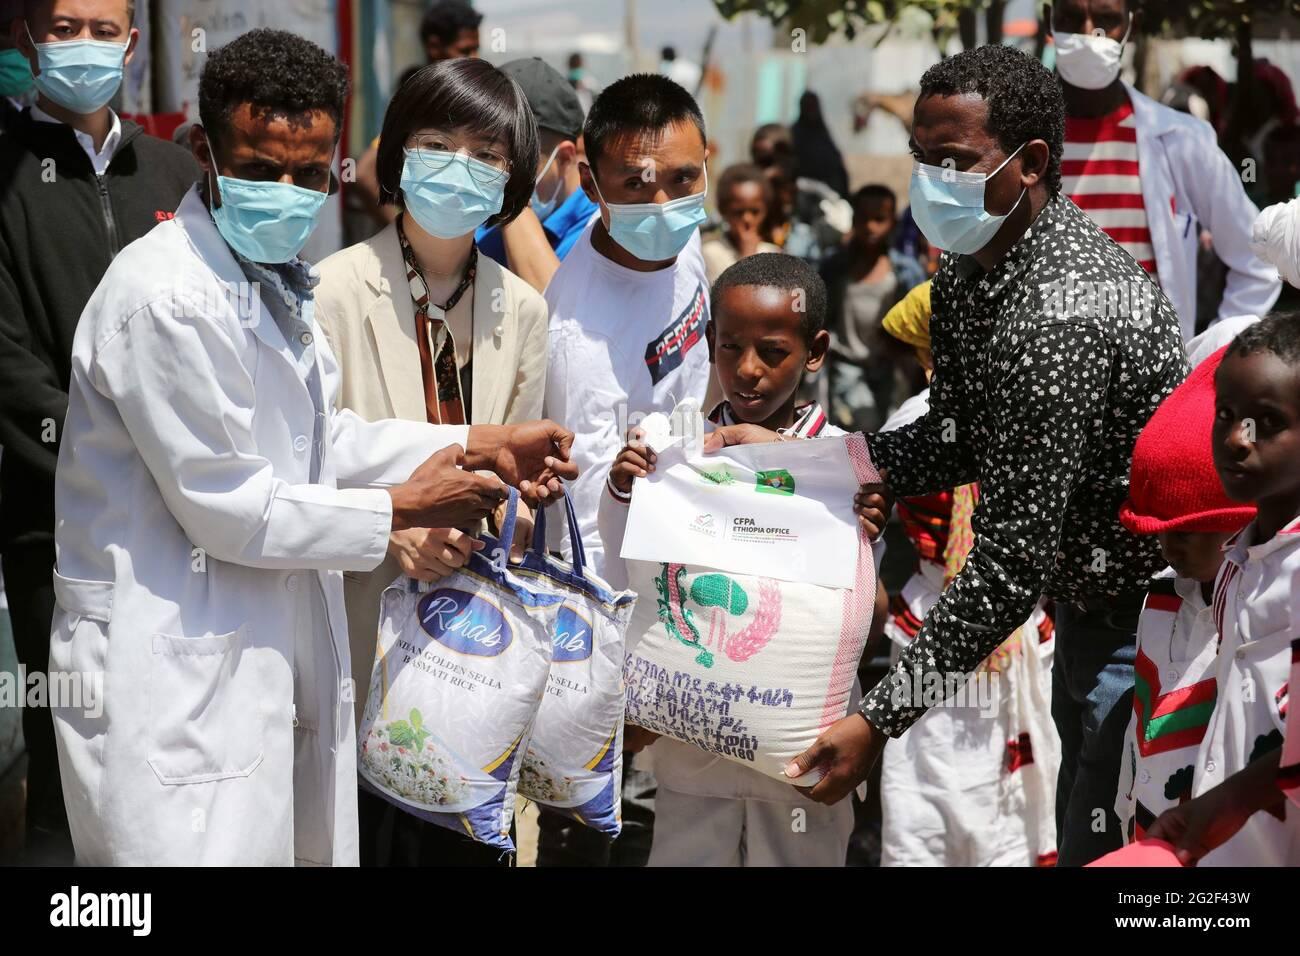 Dukem, École primaire d'Obaay dans la ville de Dukem, dans l'État régional d'Oromia en Éthiopie. 9 juin 2021. Huang Xiaocen (2e L, front), directeur adjoint de la Fondation chinoise pour l'atténuation de la pauvreté (CFPA) Éthiopie, distribue de la nourriture aux étudiants locaux de l'école primaire d'Obaay, dans la ville de Dukem, dans l'État régional d'Oromia en Éthiopie, le 9 juin 2021. La CFPA a distribué mercredi des colis alimentaires à plus de 400 élèves de l'école primaire d'Obaay, dans la ville de Dukem, dans l'État régional d'Oromia en Éthiopie. Crédit : Wang Ping/Xinhua/Alay Live News Banque D'Images